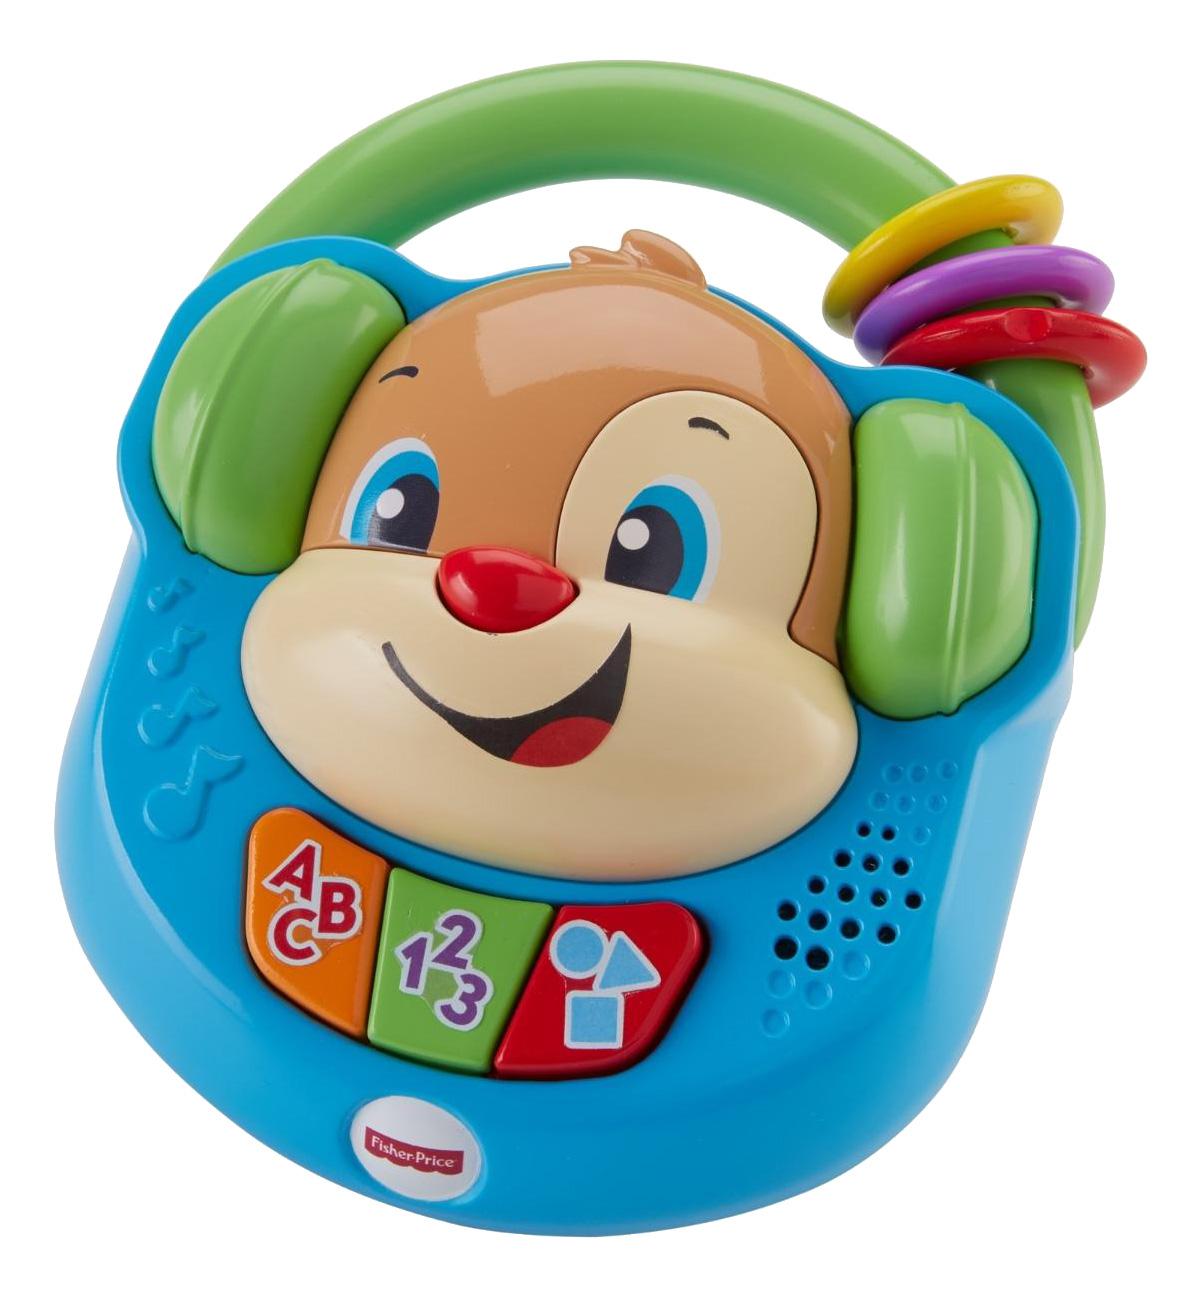 Развивающая игрушка Fisher-Price Плеер фото